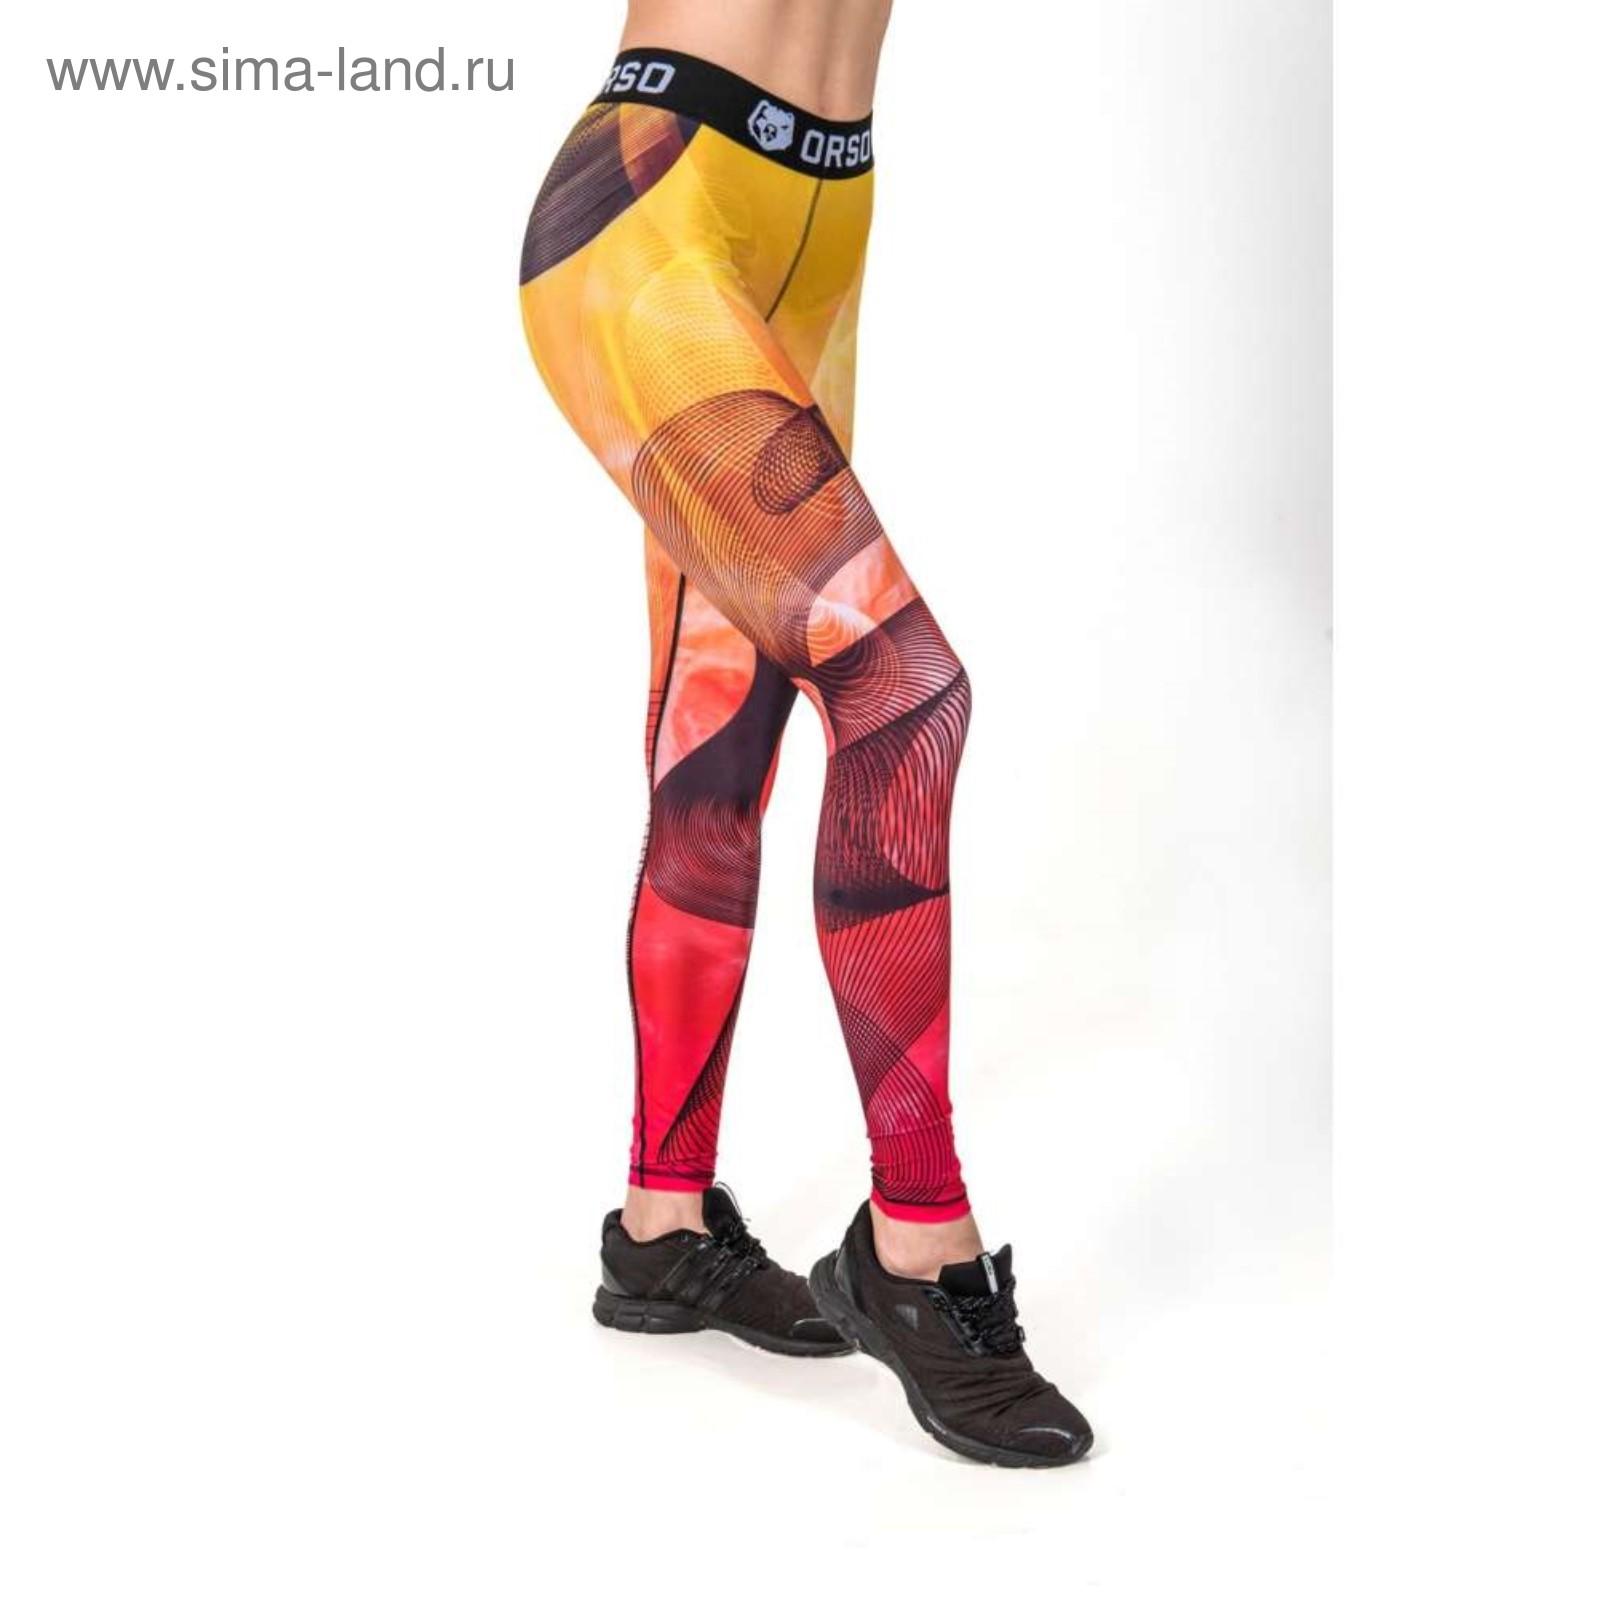 Компрессионные штаны женские FireFox, размер XS (3894682) - Купить ... 2e3756bf766